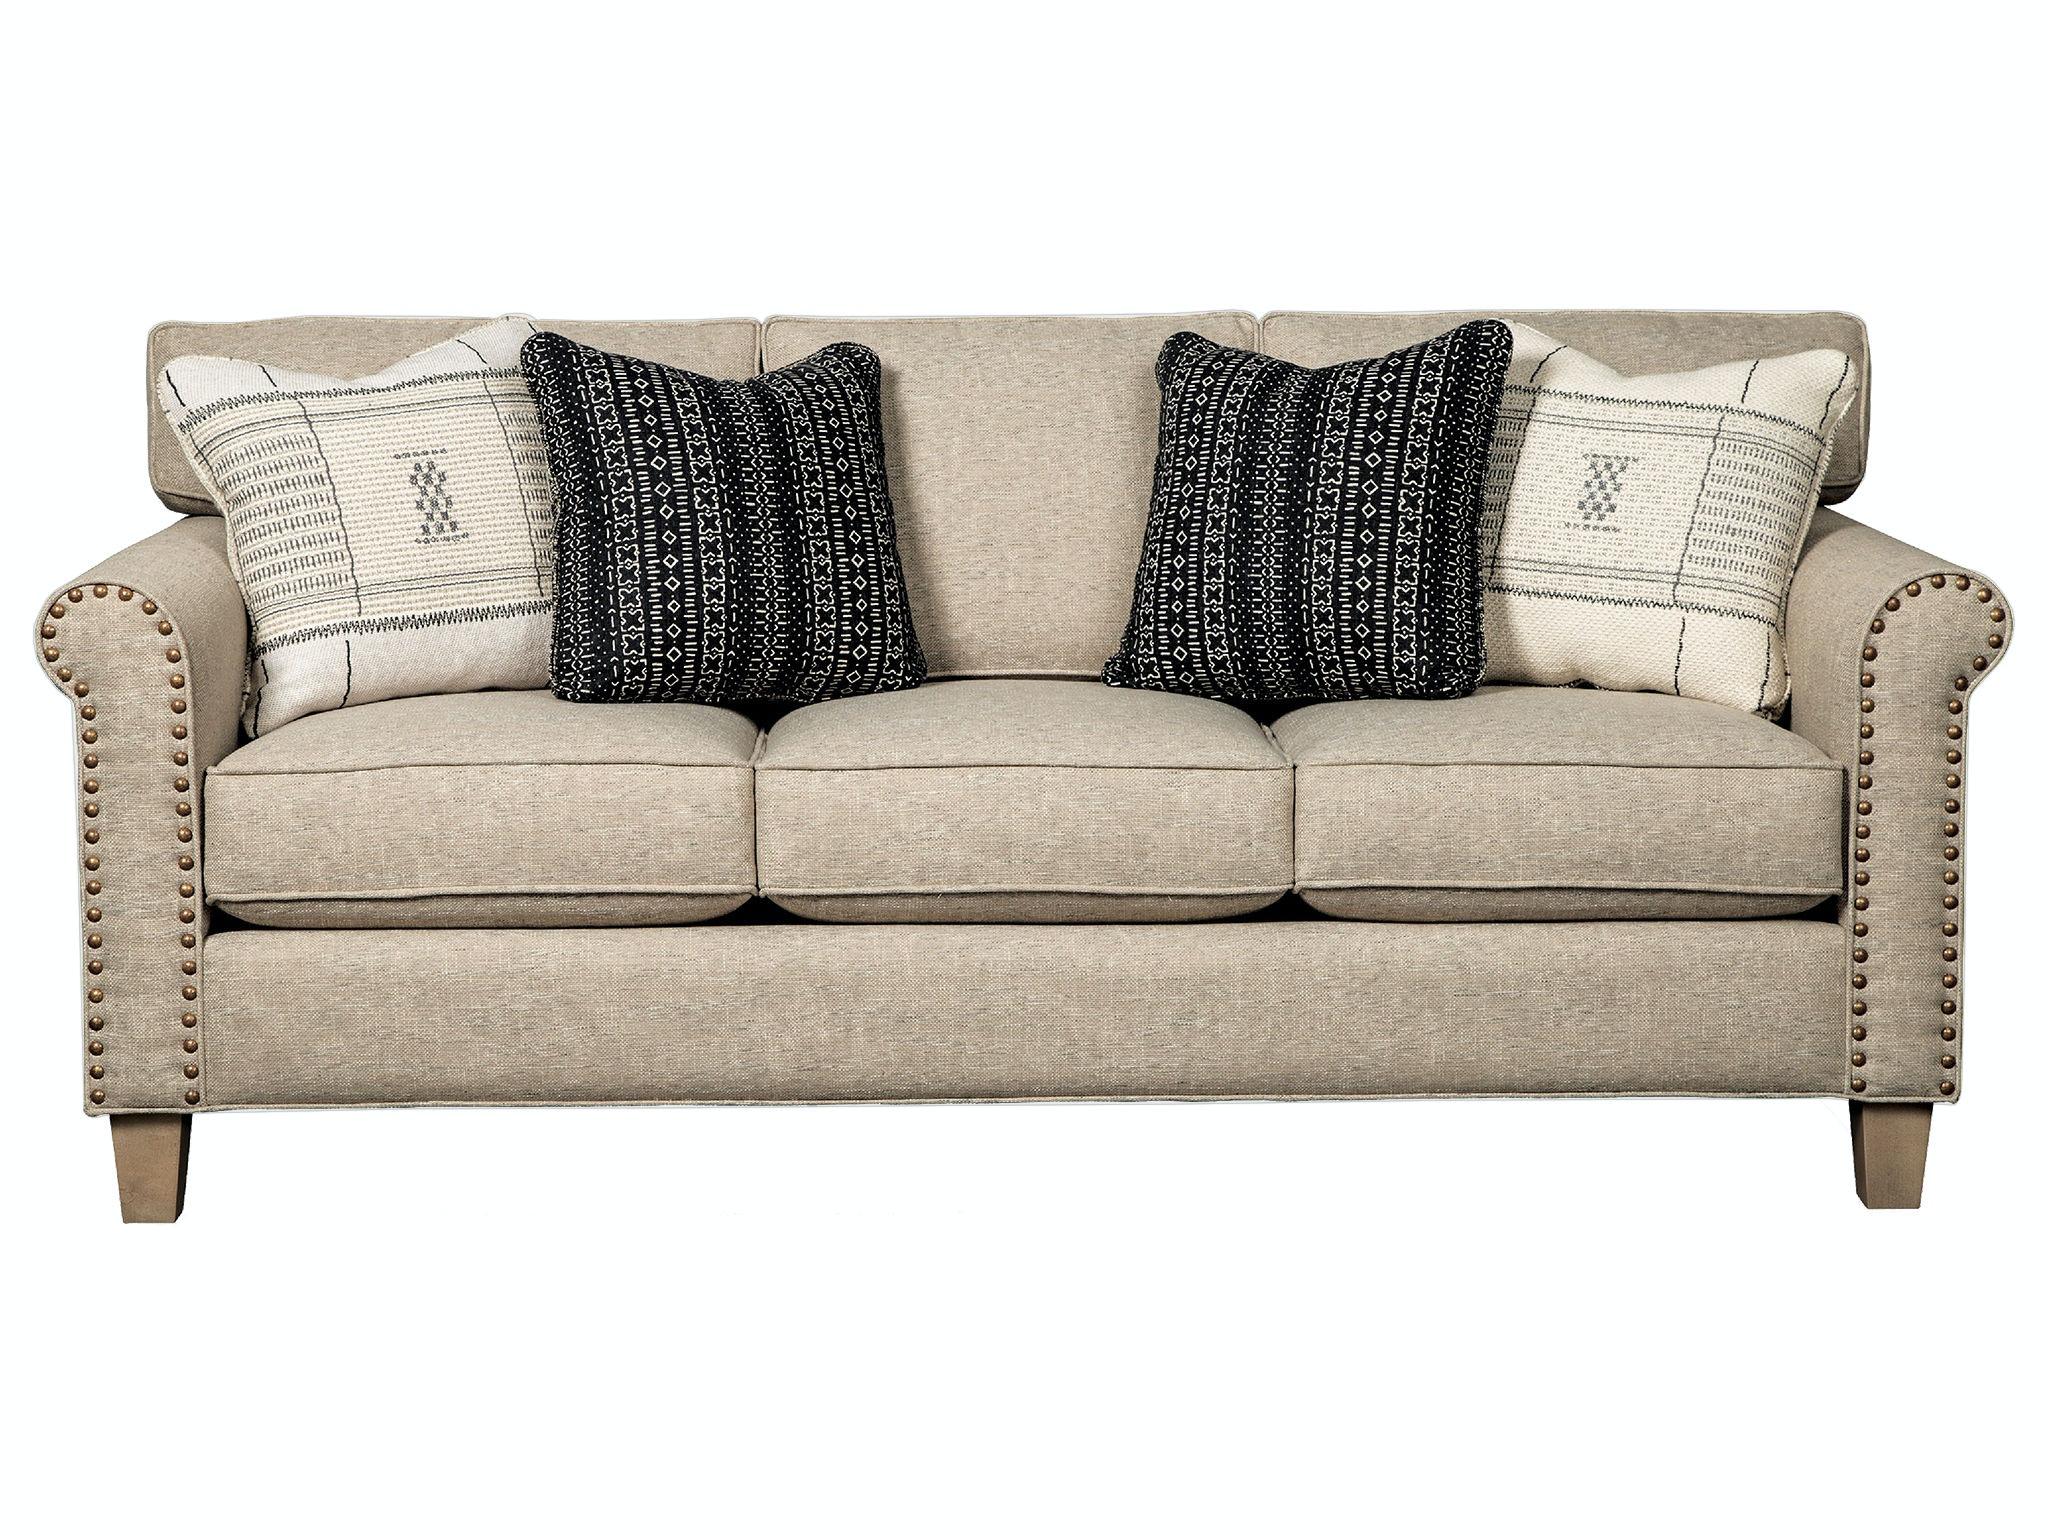 Hickorycraft Living Room Sofa 778850